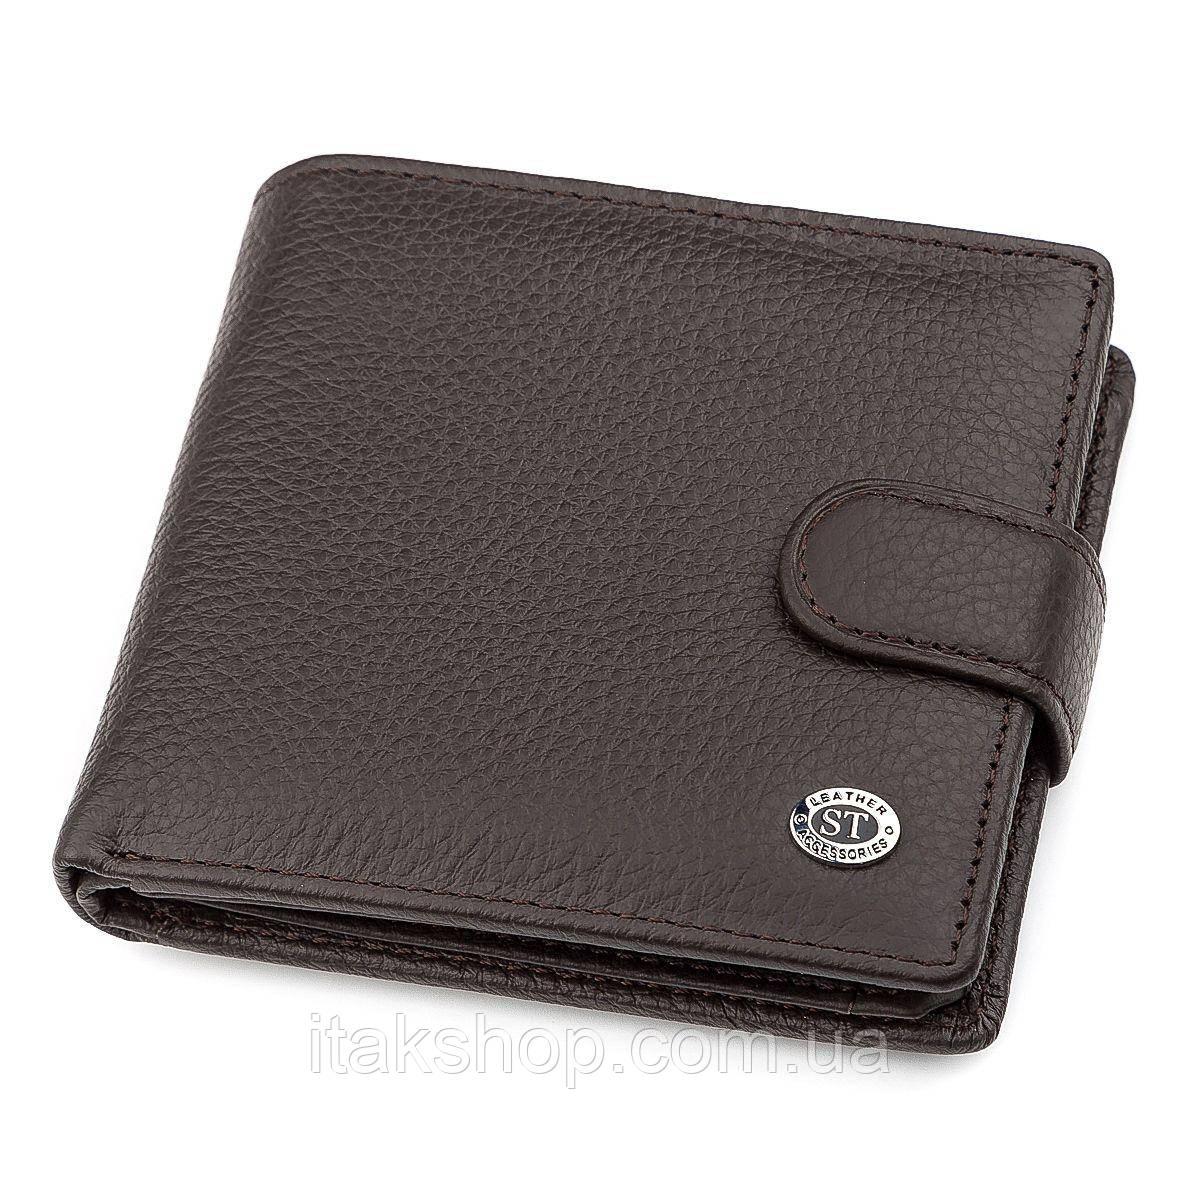 Мужской кошелек ST Leather 18347 (ST153) функциональный Коричневый, Коричневый